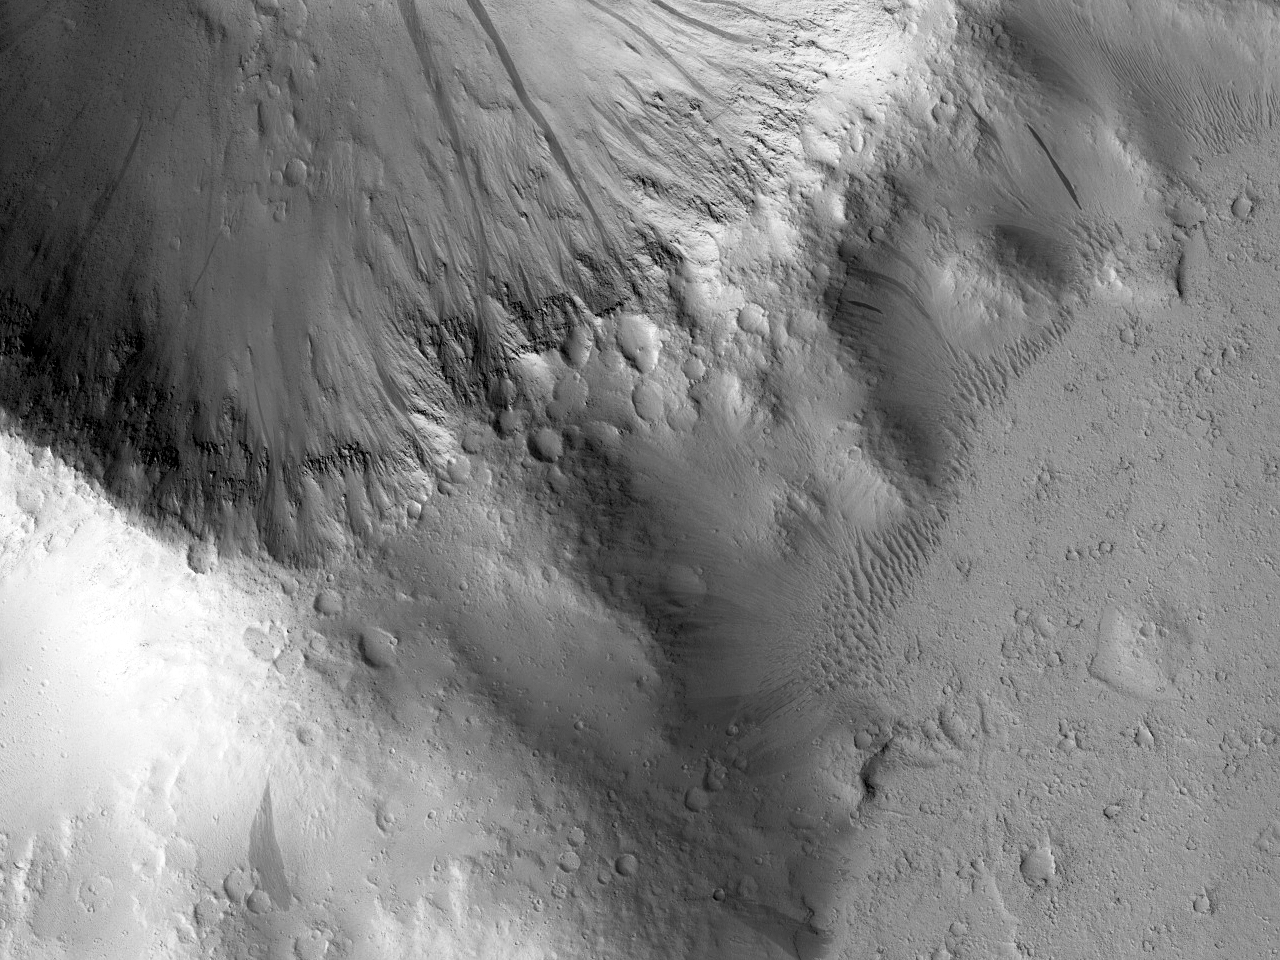 Светлые и темные полосы внутри ударного кратера